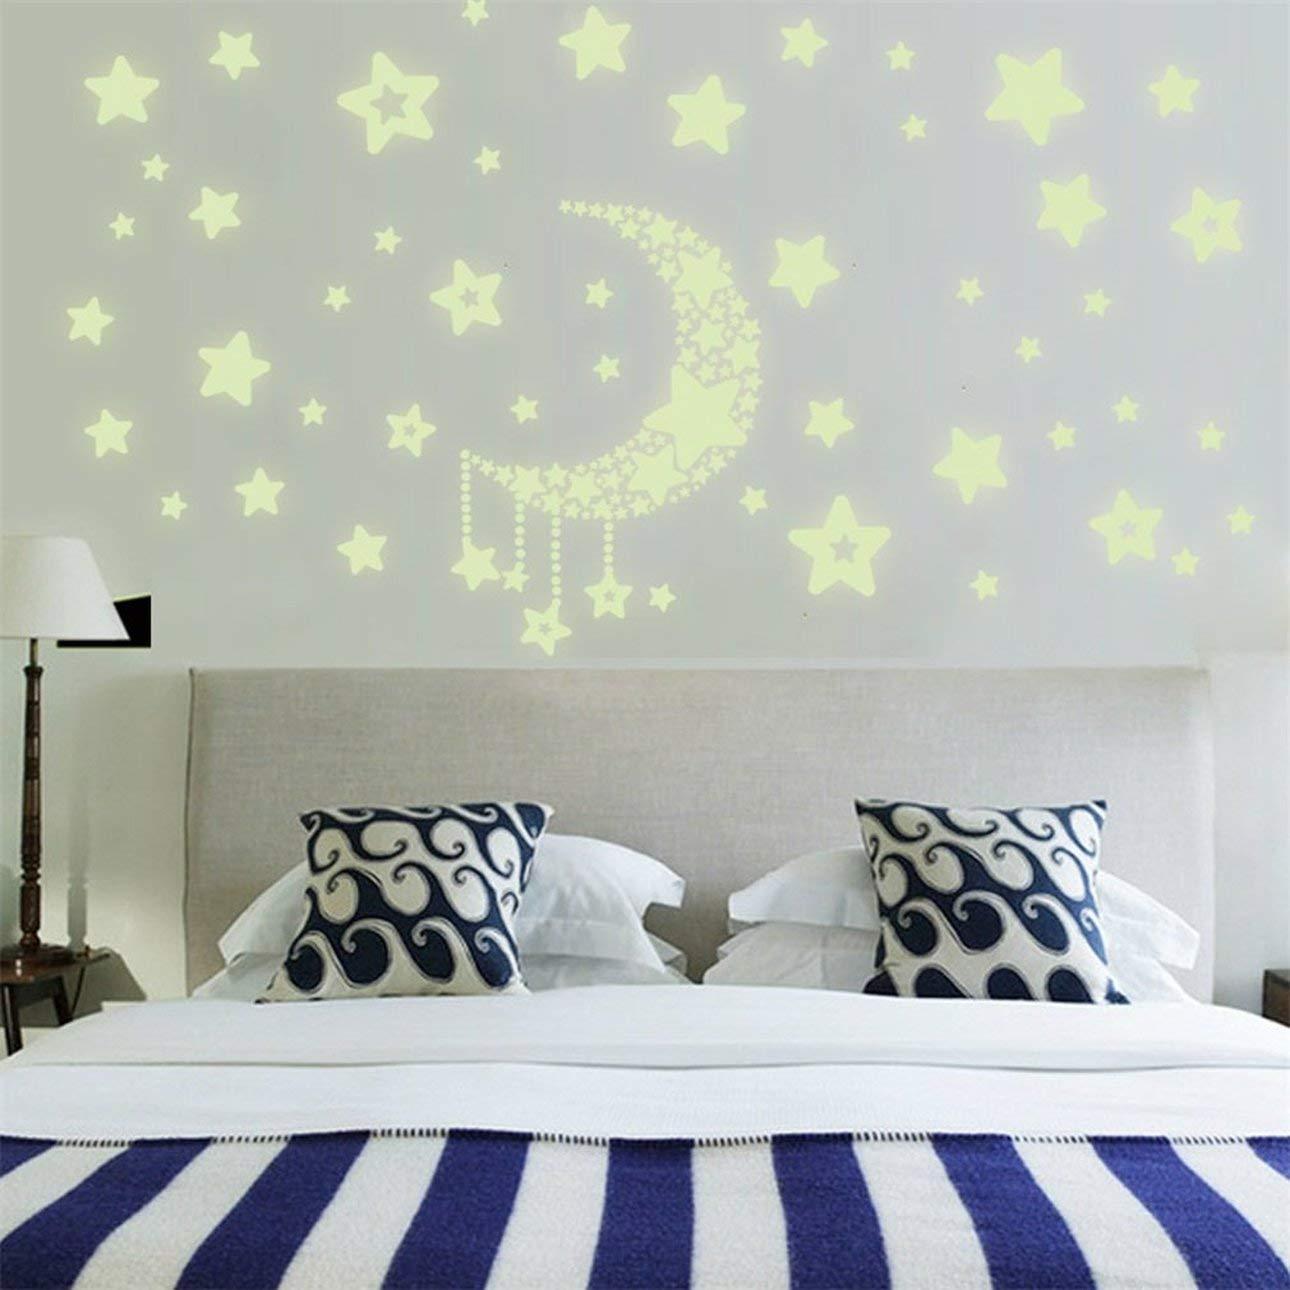 Pudincoco DIY luz de la Noche Brilla en la Luna Oscura Estrellas Pegatinas de Pared decoraci/ón para el hogar ni/ños Dormitorio Pegatinas de Pared Fluorescentes